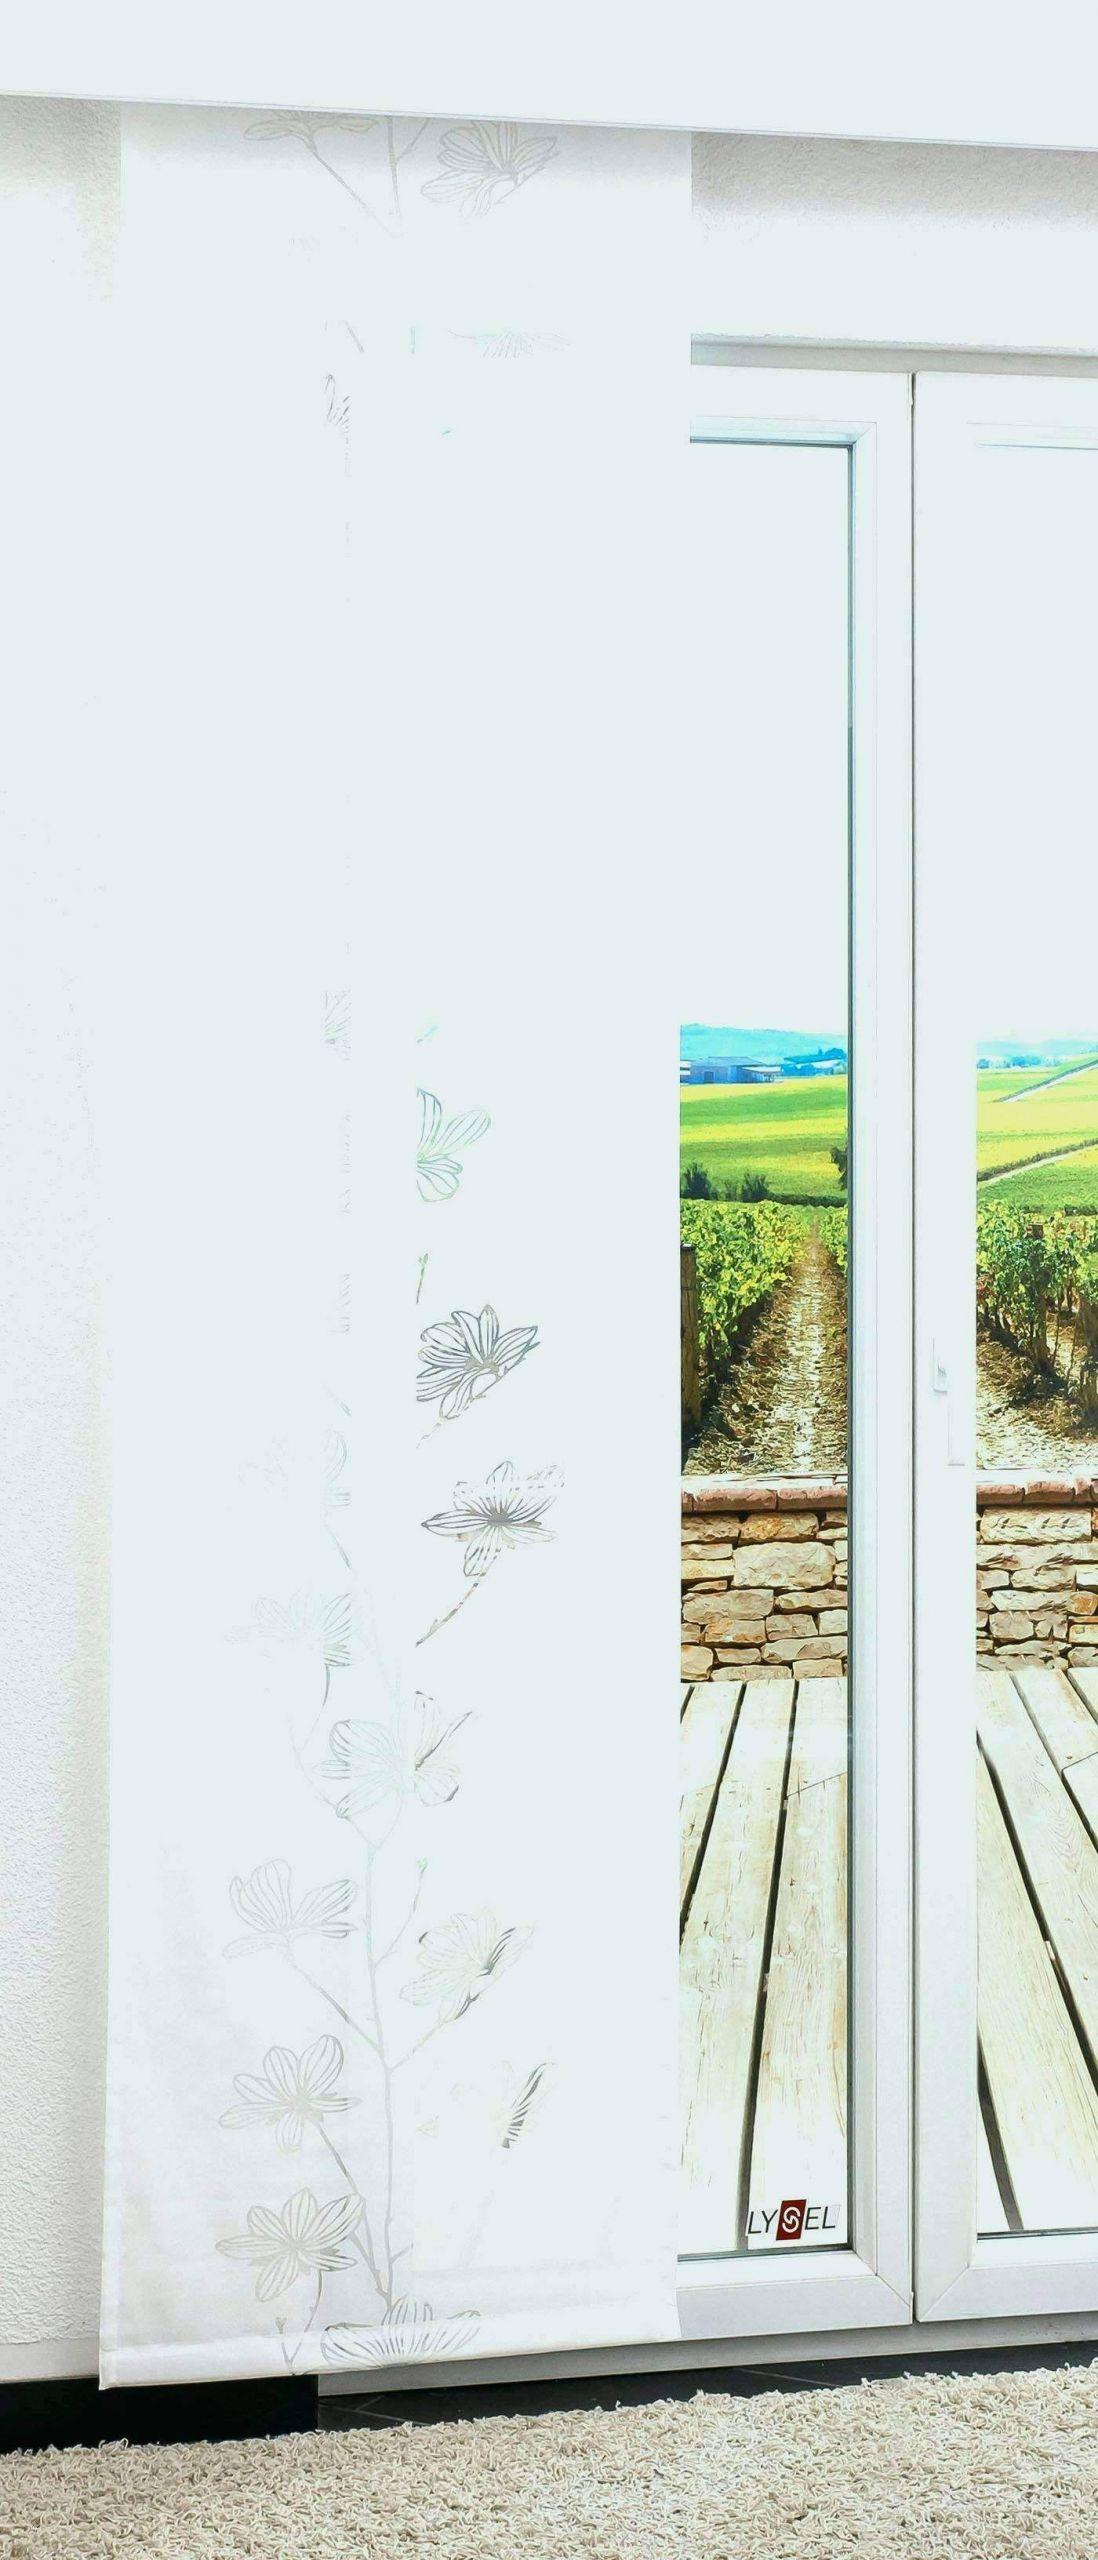 deko wohnzimmer selber machen elegant wohnzimmer deko zum selber machen inspirierend of deko wohnzimmer selber machen